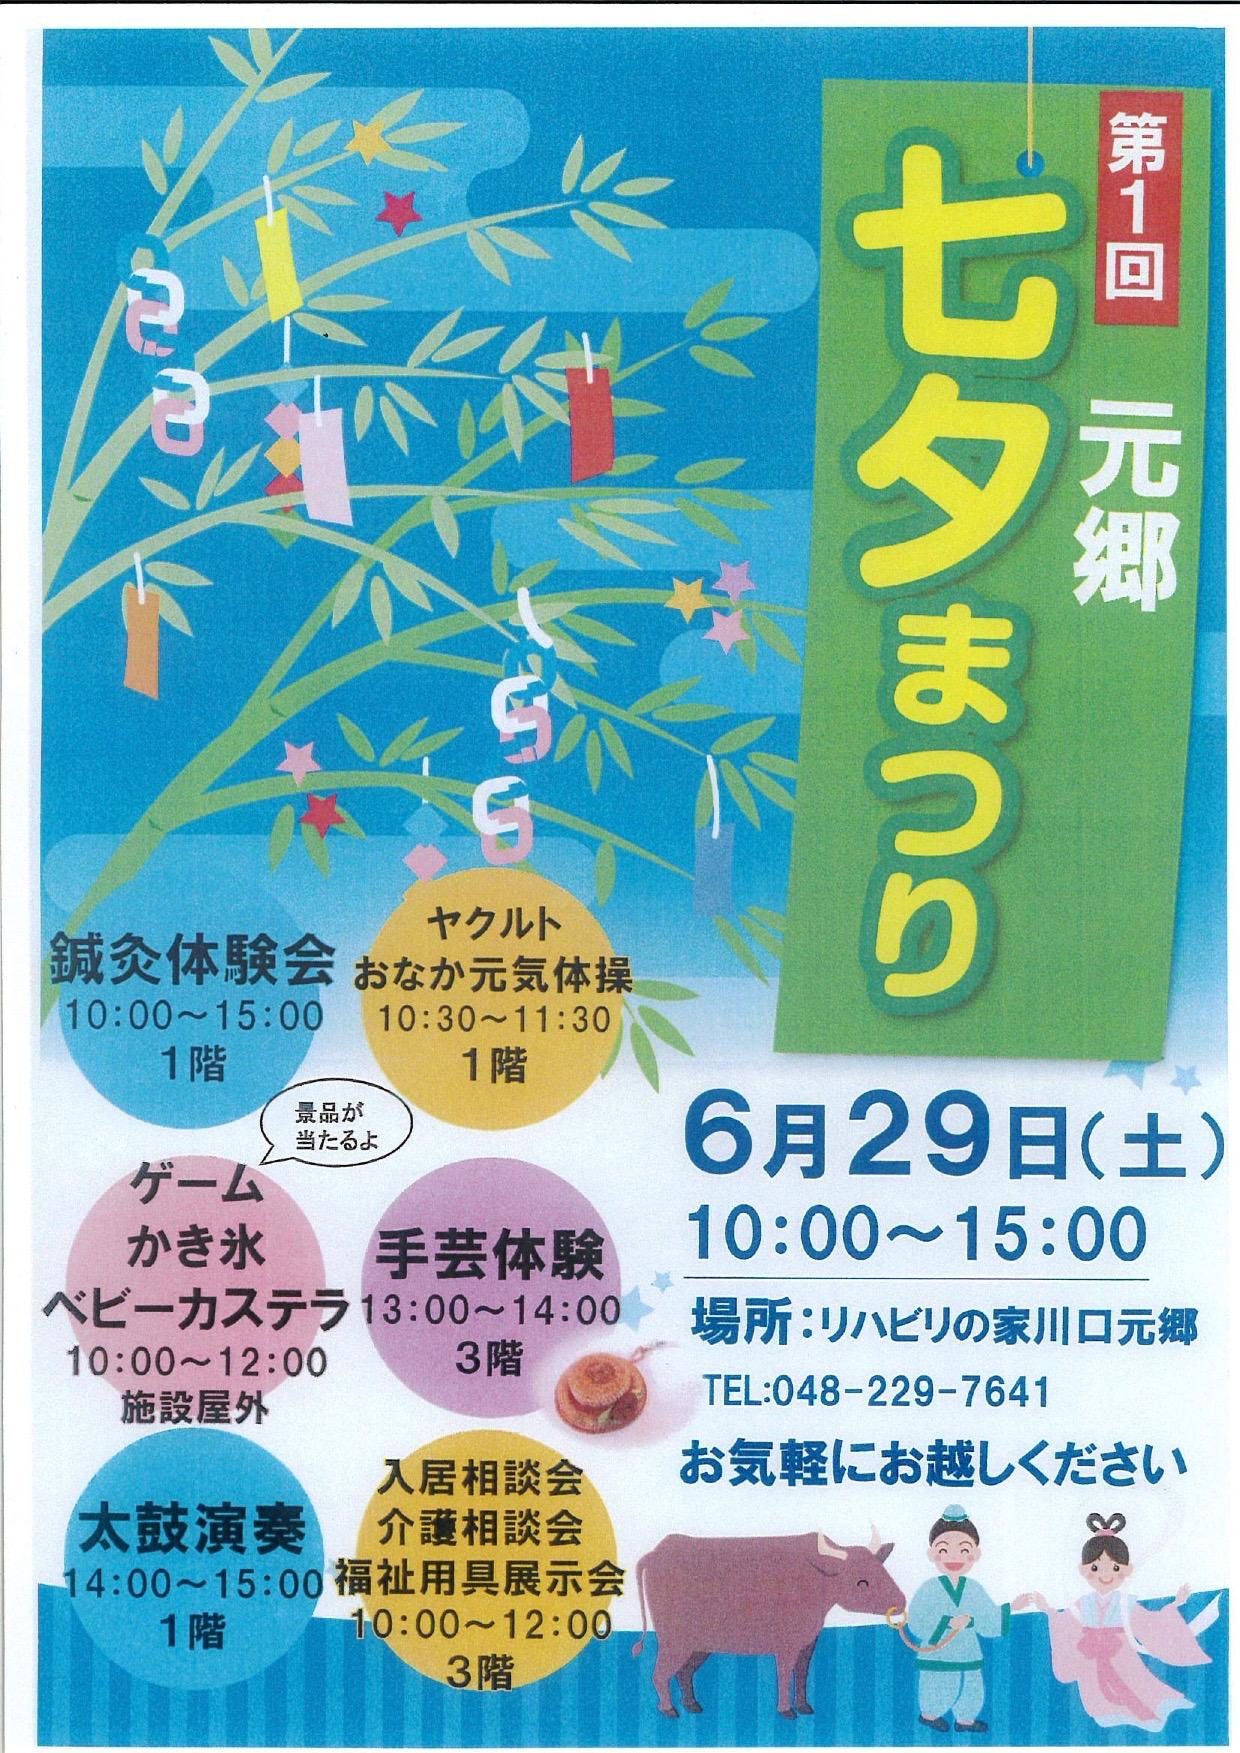 川口市元郷5丁目にて「七夕祭り」開催!